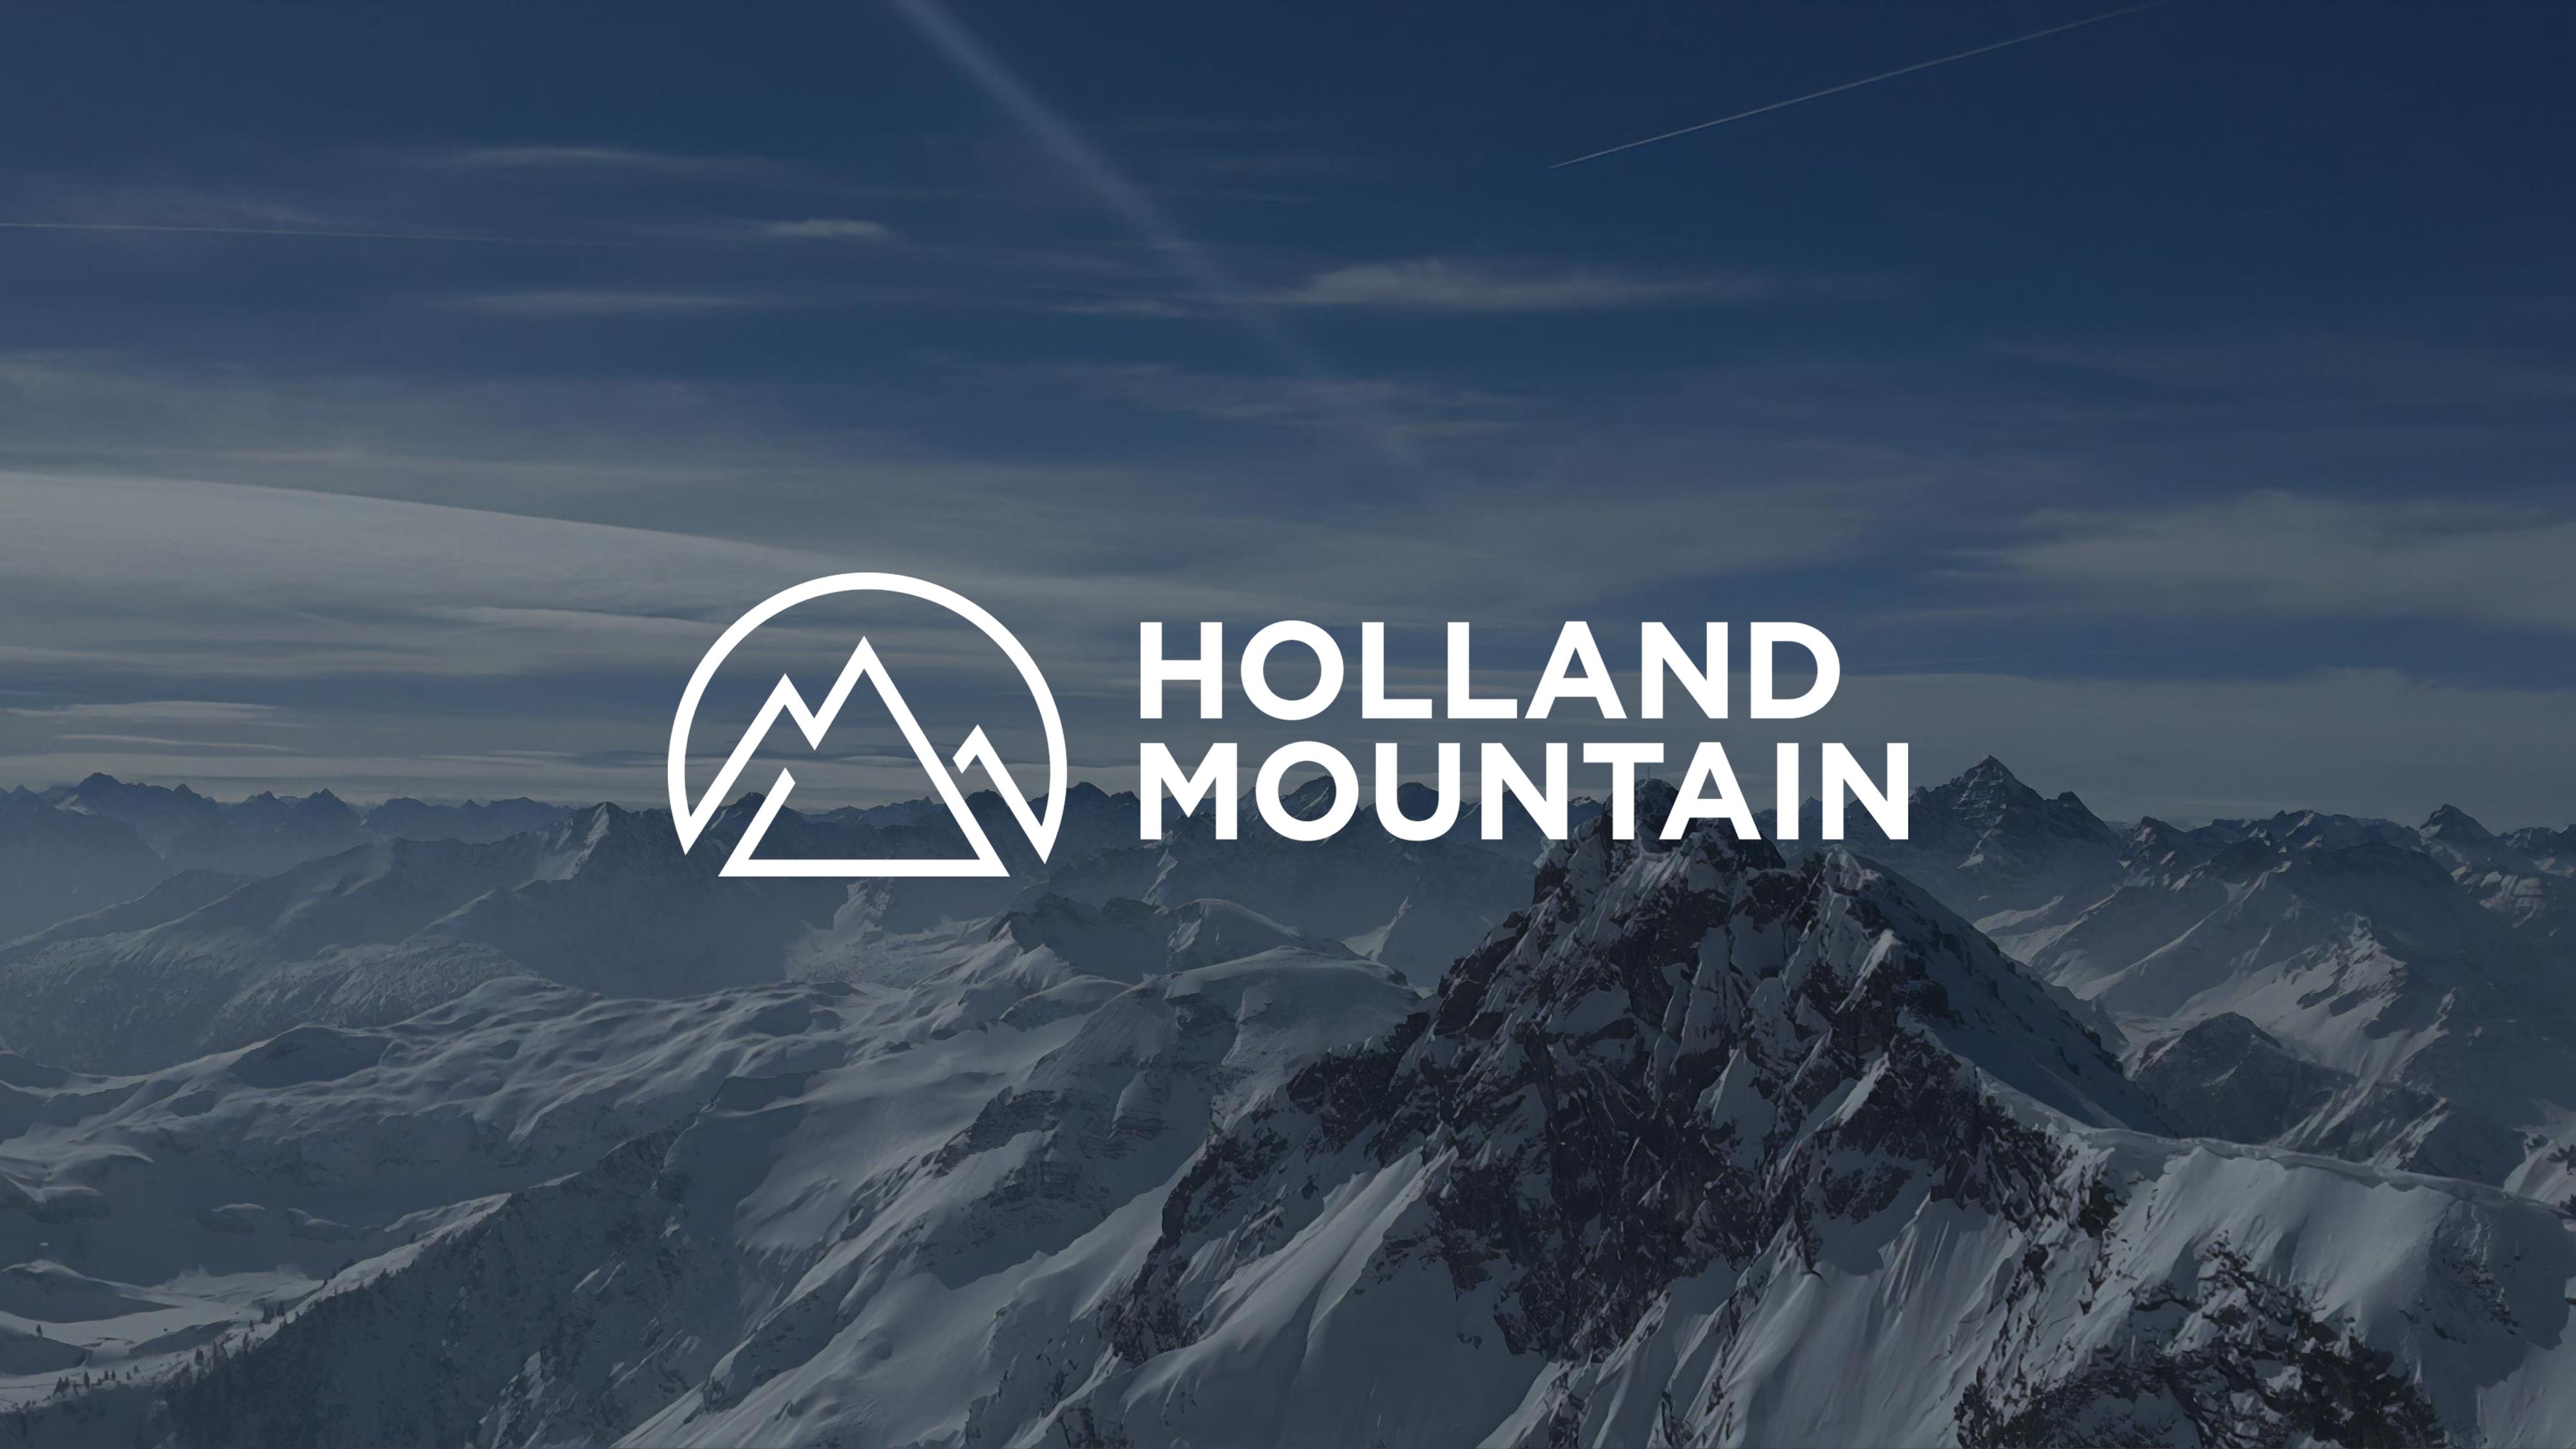 Holland Mountain